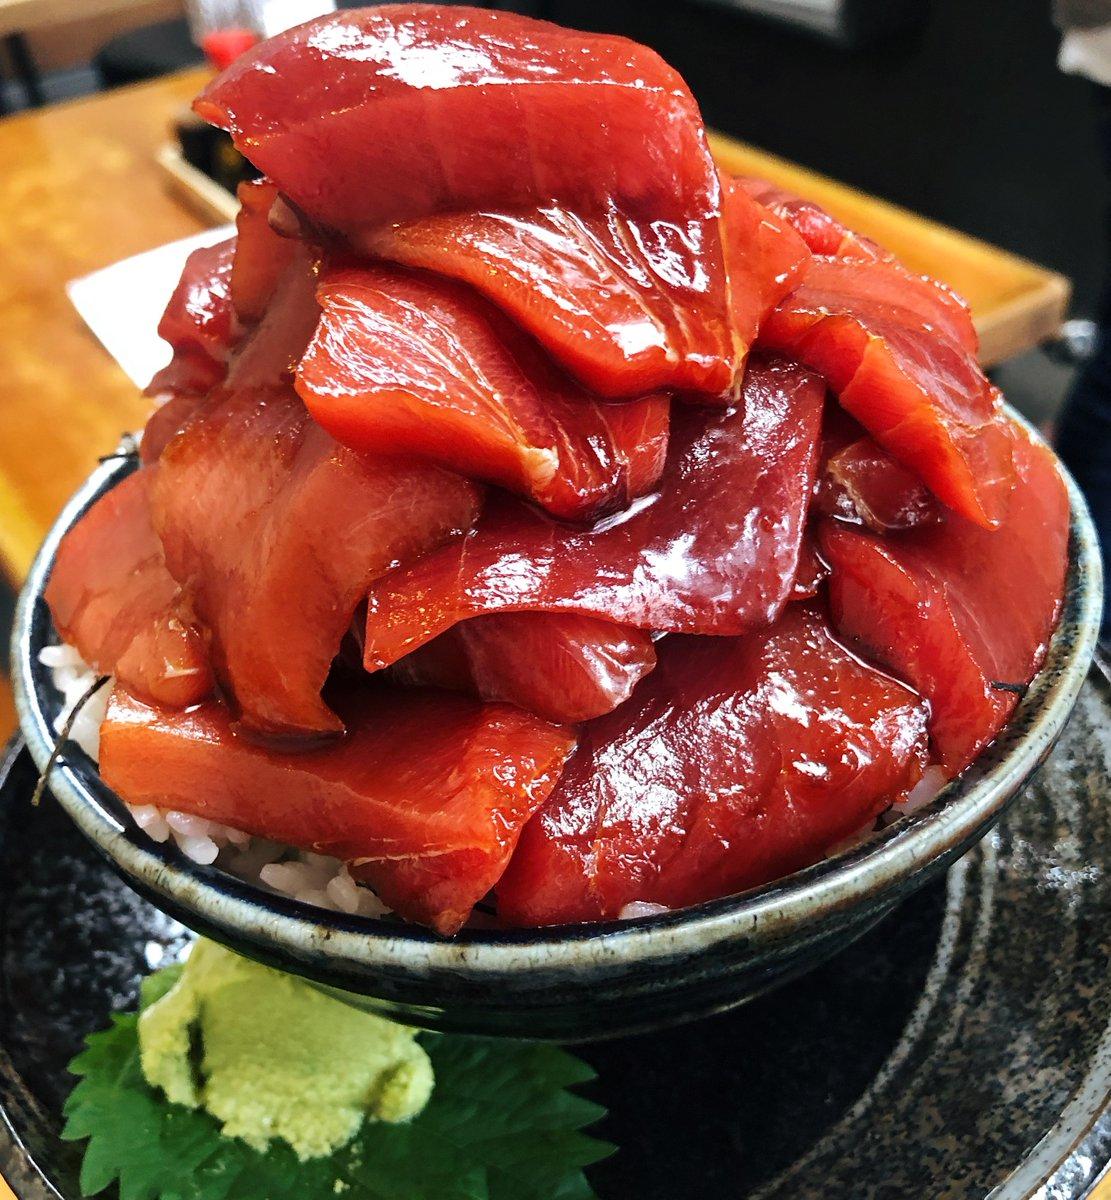 【海鮮丼専門店 木津 魚市食堂】@大阪:大国町駅から徒歩4分豪快に盛り付けてもらえる「こぼれ本マグロ丼」を食べられるお店。1つ1つの切り身が存在感を放つ厚切りマグロは漬けダレでしっかり味付けされており、ご飯との相性も抜群!マグロだけでも400gも盛り付けられた圧倒的ボリュームです!